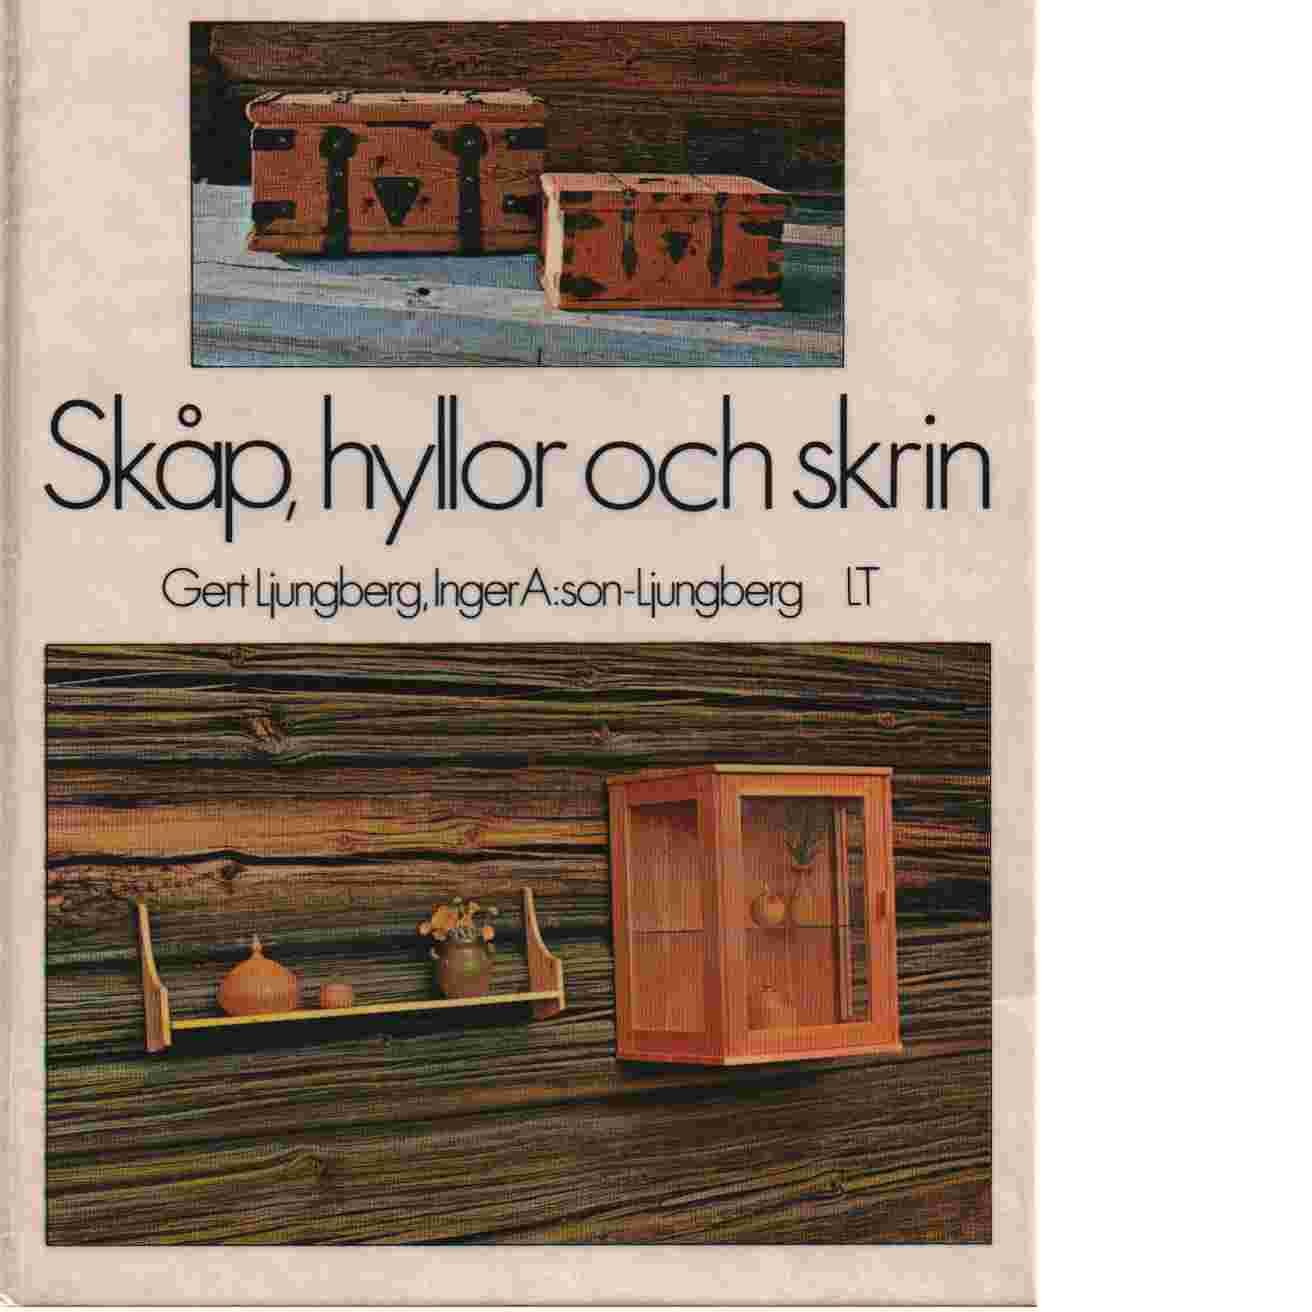 Skåp, hyllor och skrin - Ljungberg, Gert och A:son-Ljungberg, Inger